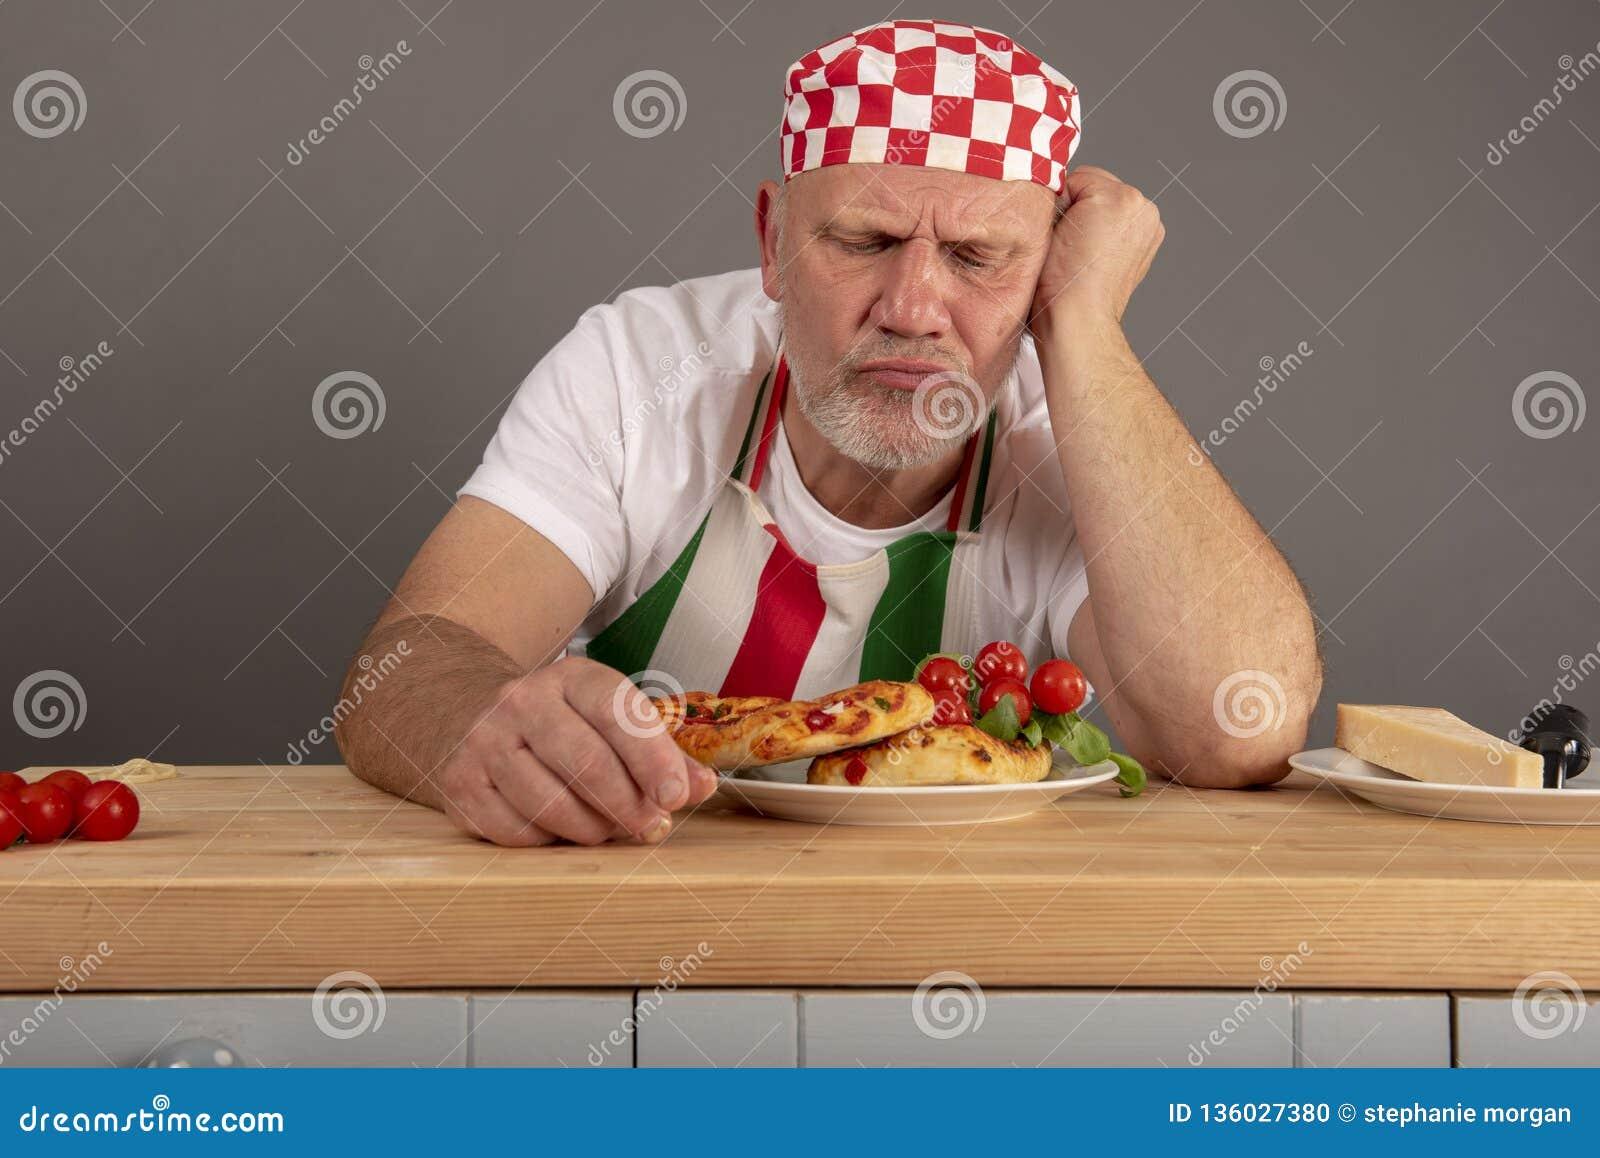 Cocinero italiano maduro que mira una comida que él se ha preparado